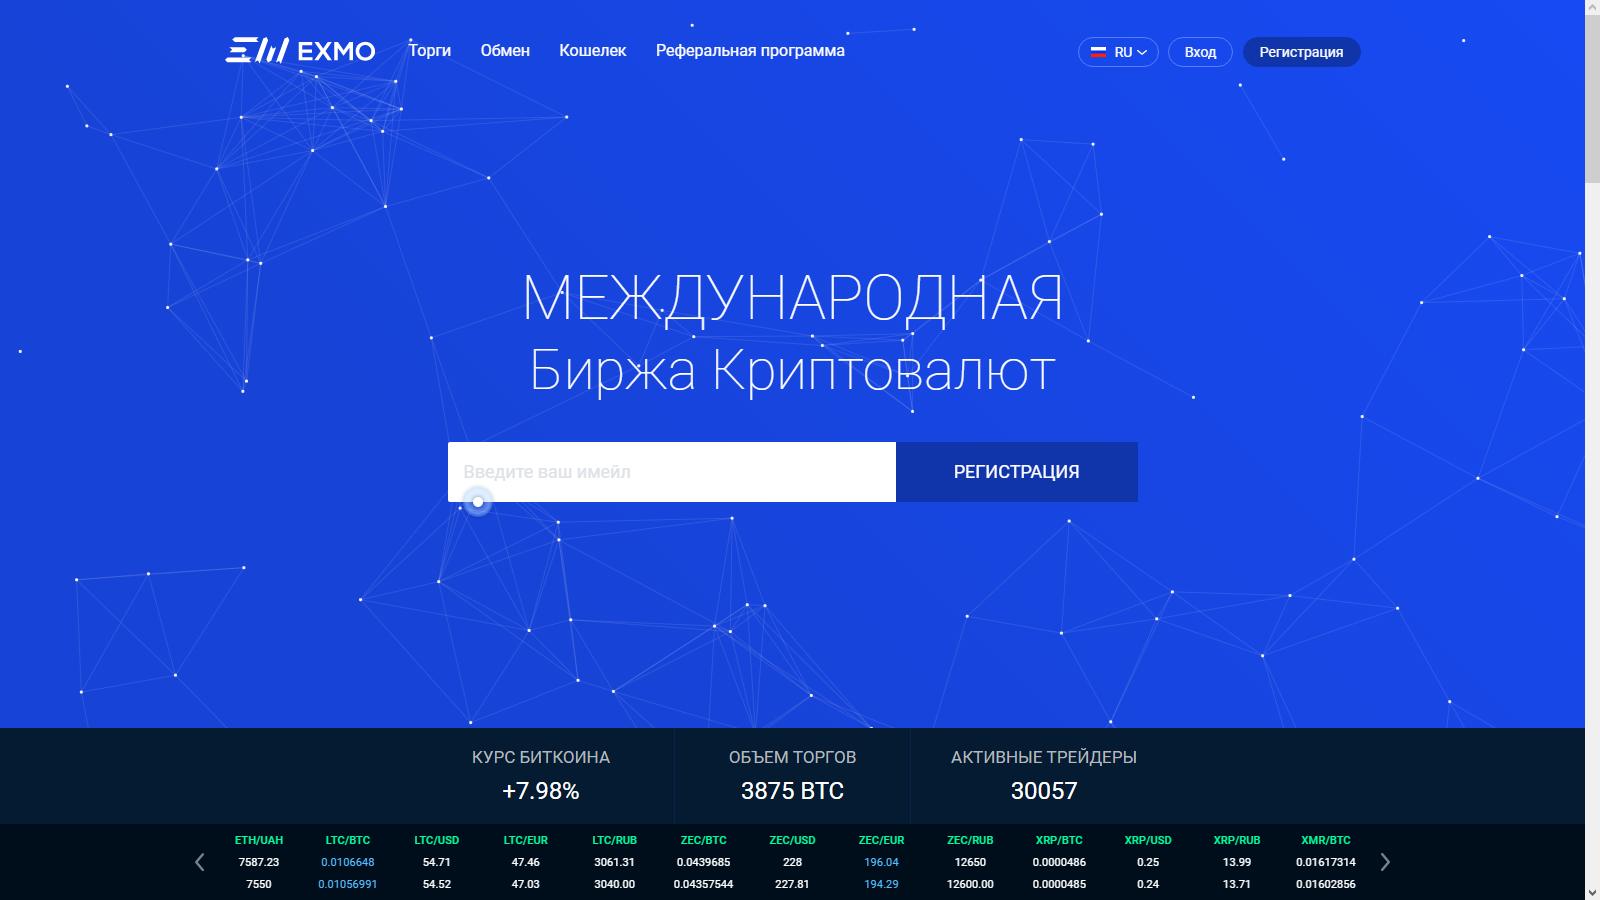 Как купить биткоины в Беларуси на биржах криптовалют